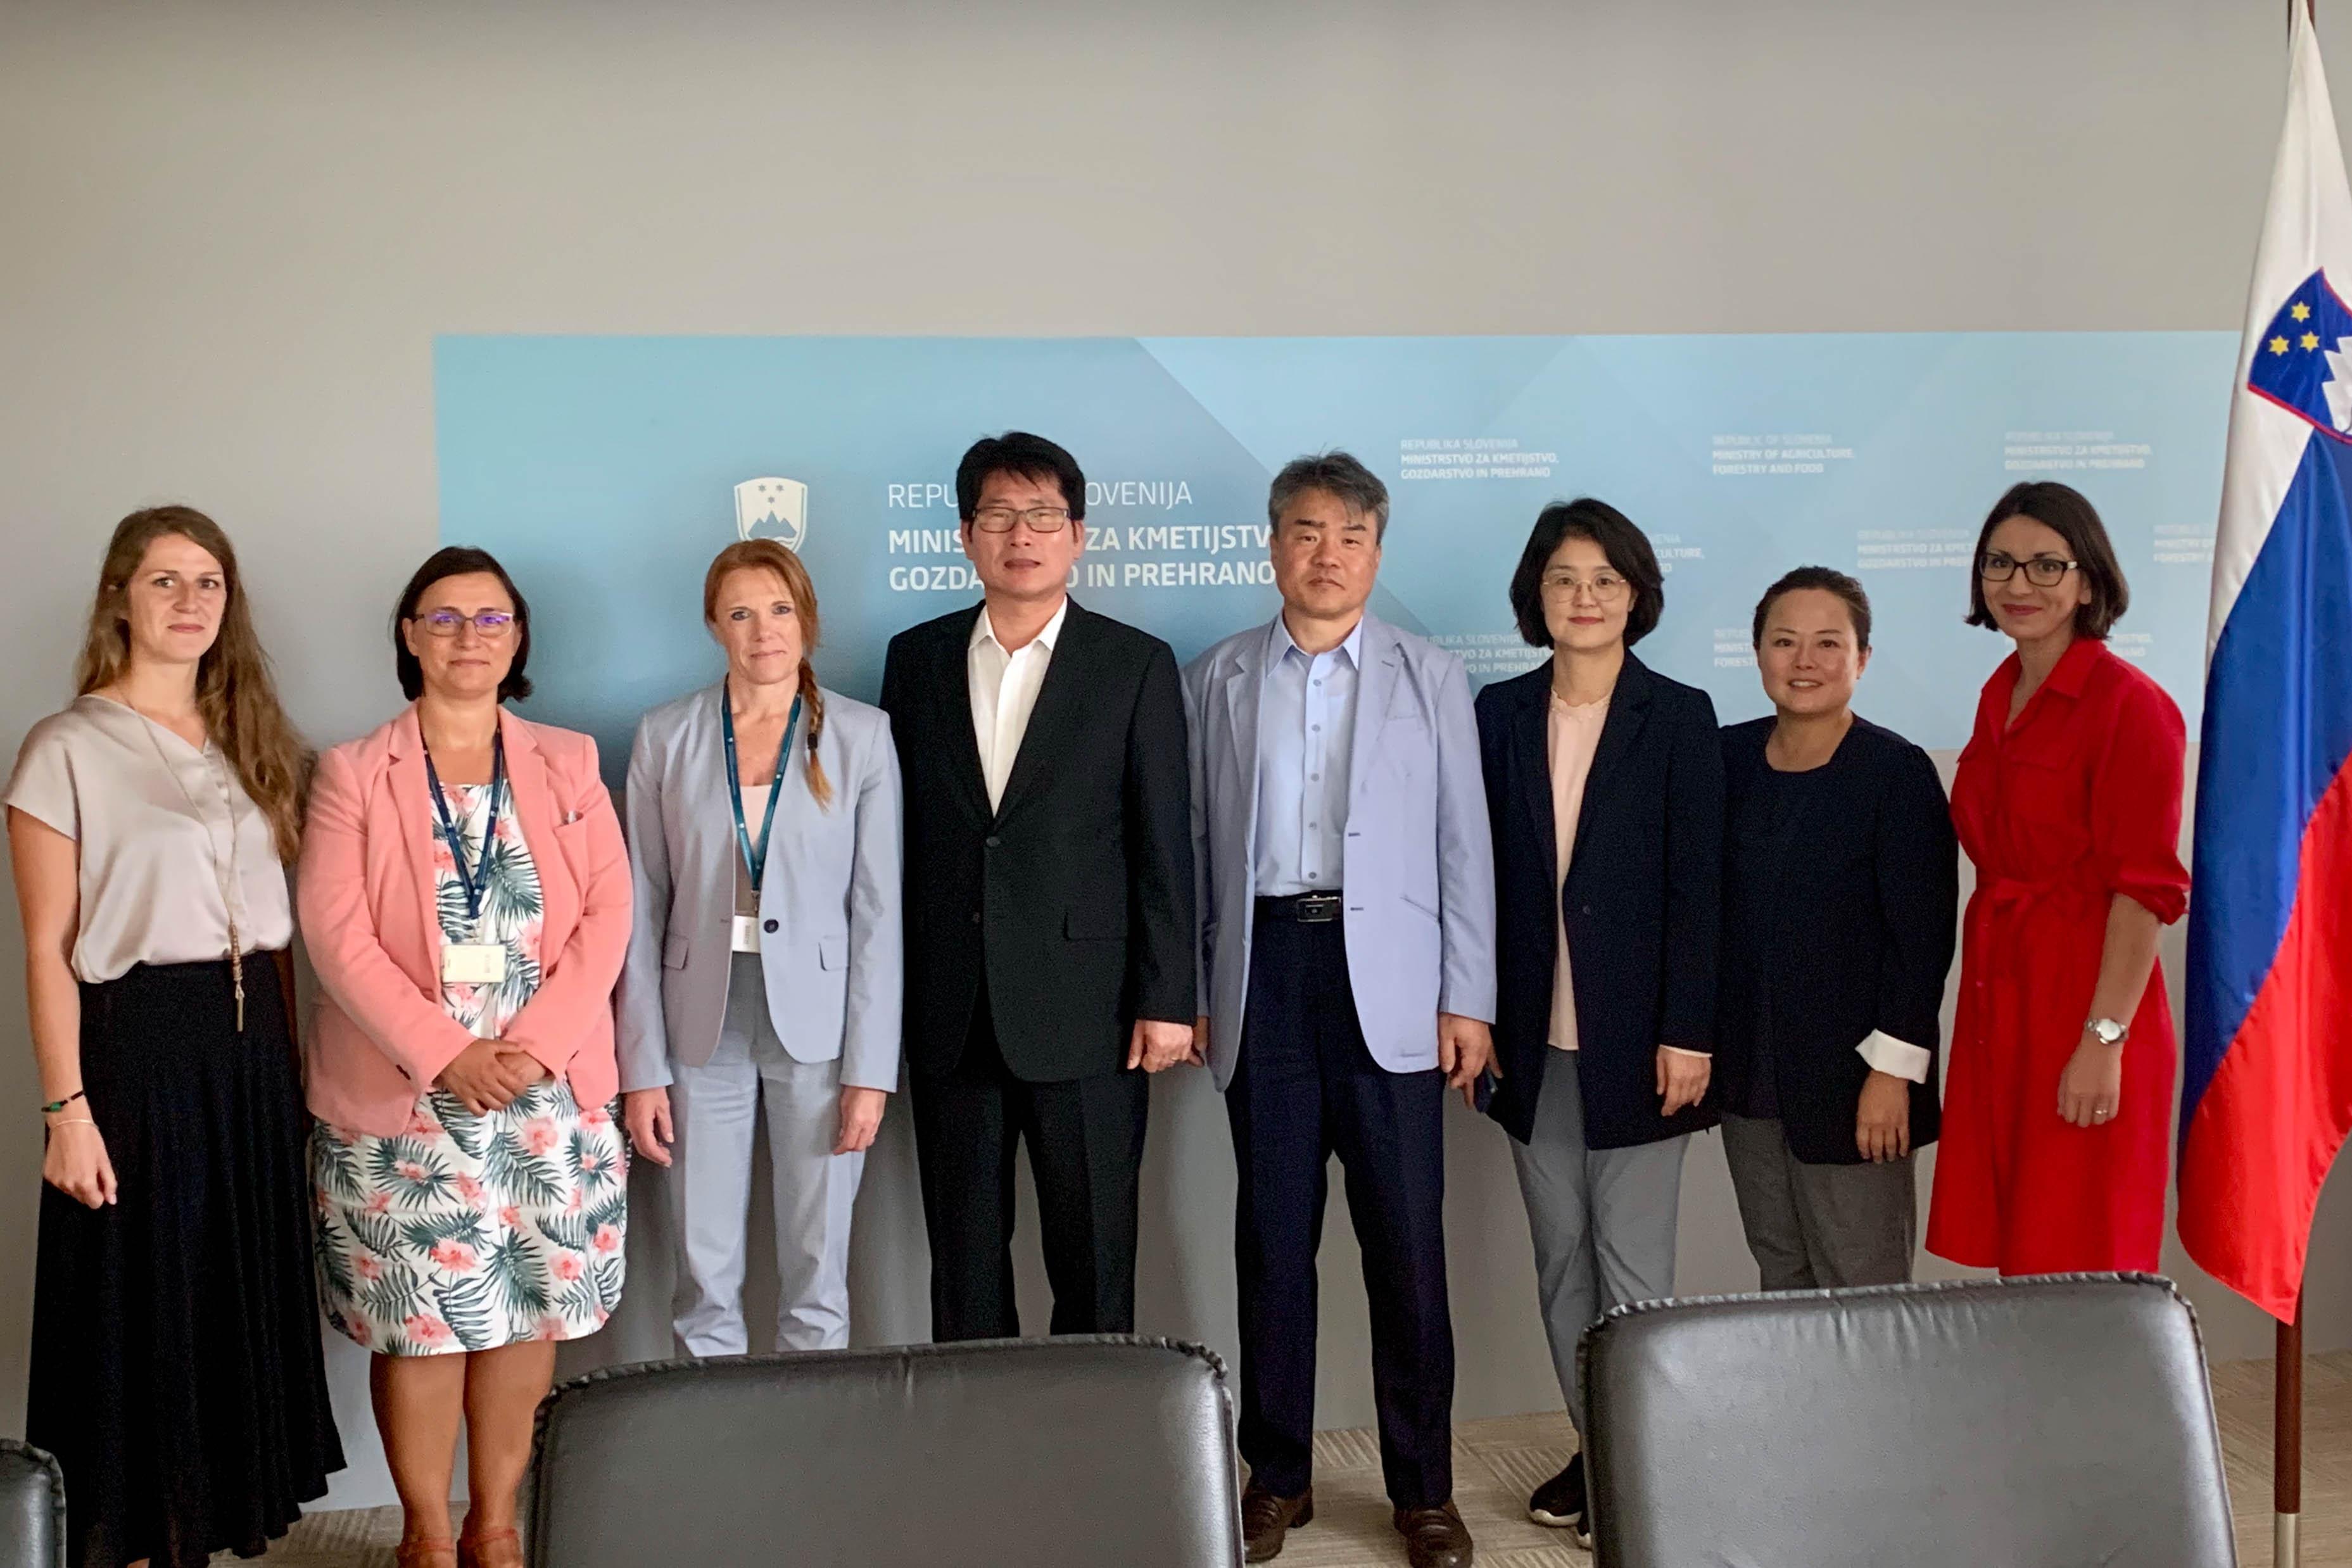 Obisk južnokorejske delegacije na temo pametnih vasi